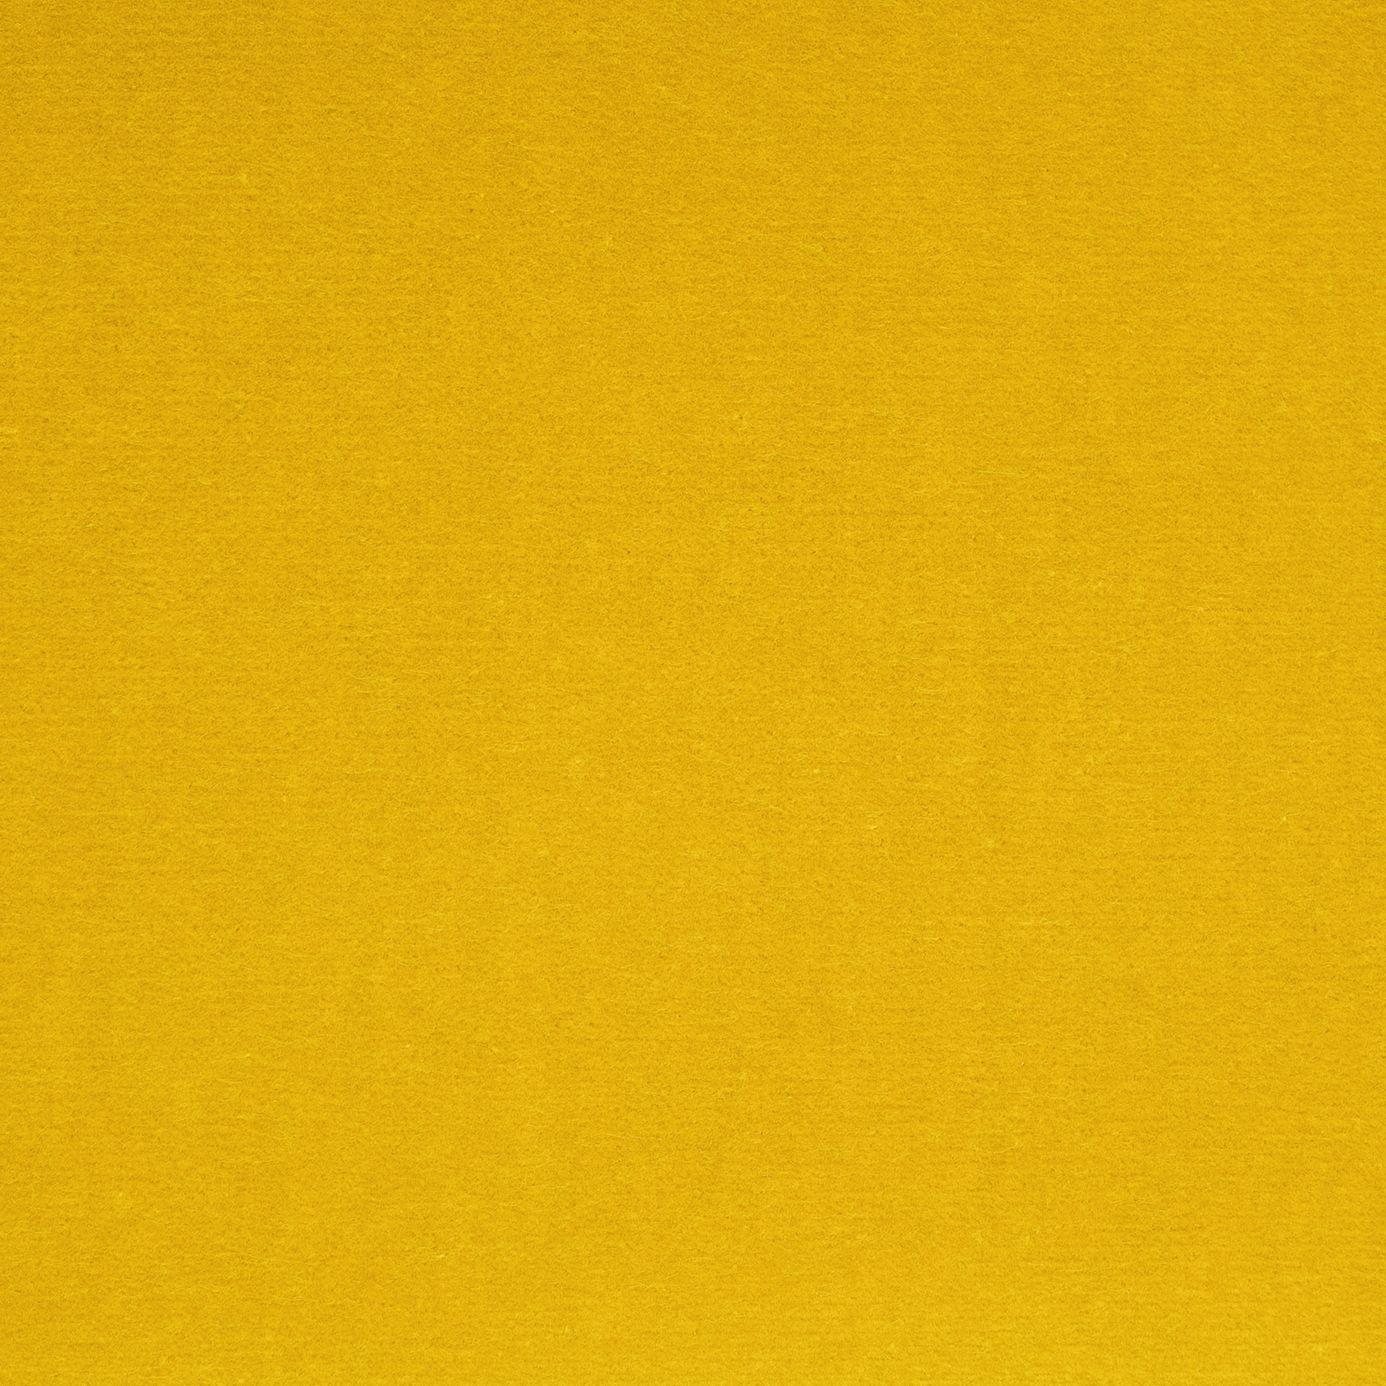 Harlequin Folia Velvets Fabrics Folia Velvet Fabric - Mustard - 130371